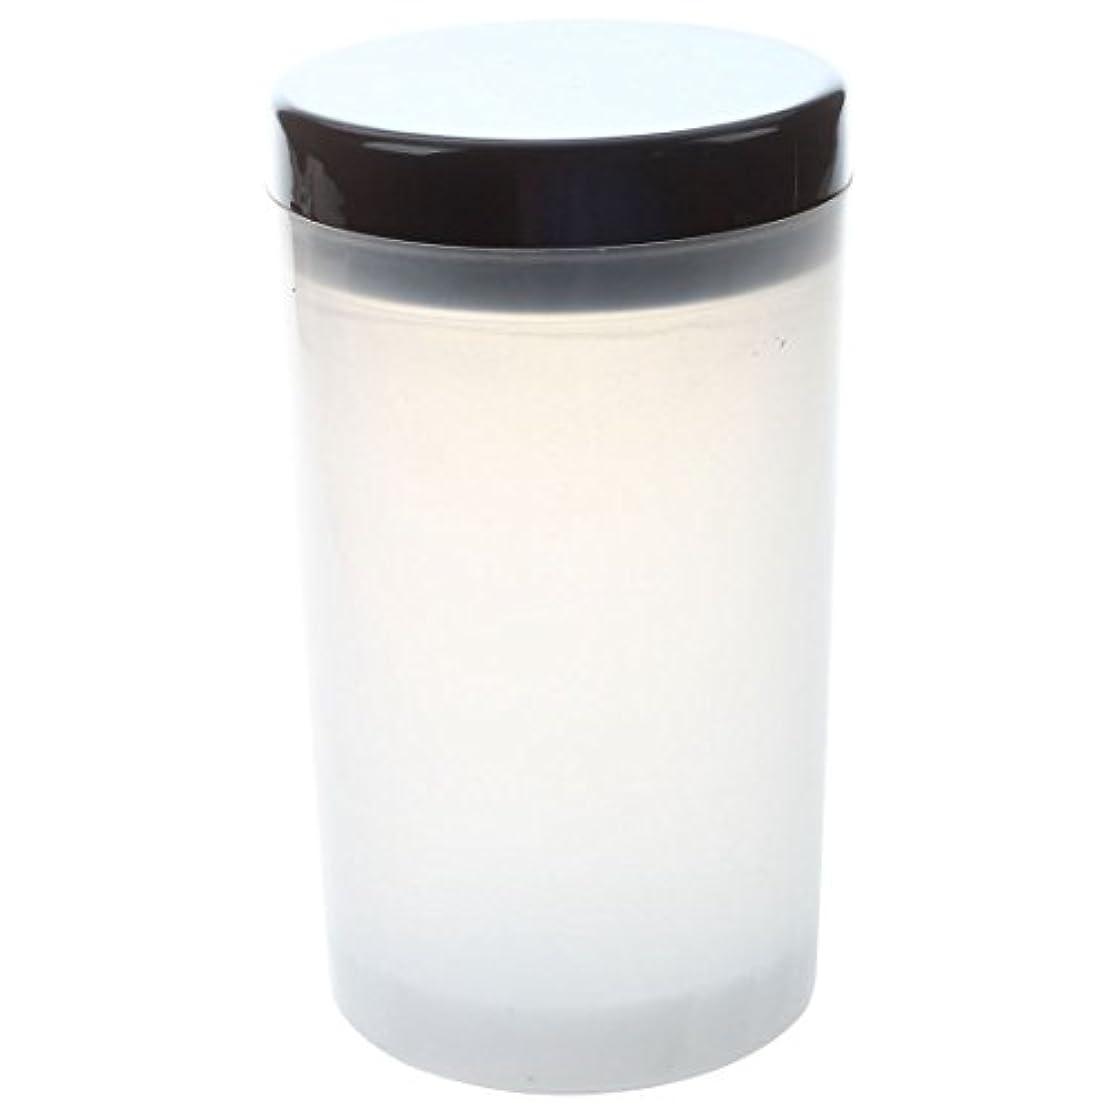 軽量女性横にCikuso ネイルアートチップブラシホルダー リムーバーカップカップ浸漬ブラシ クリーナーボトル